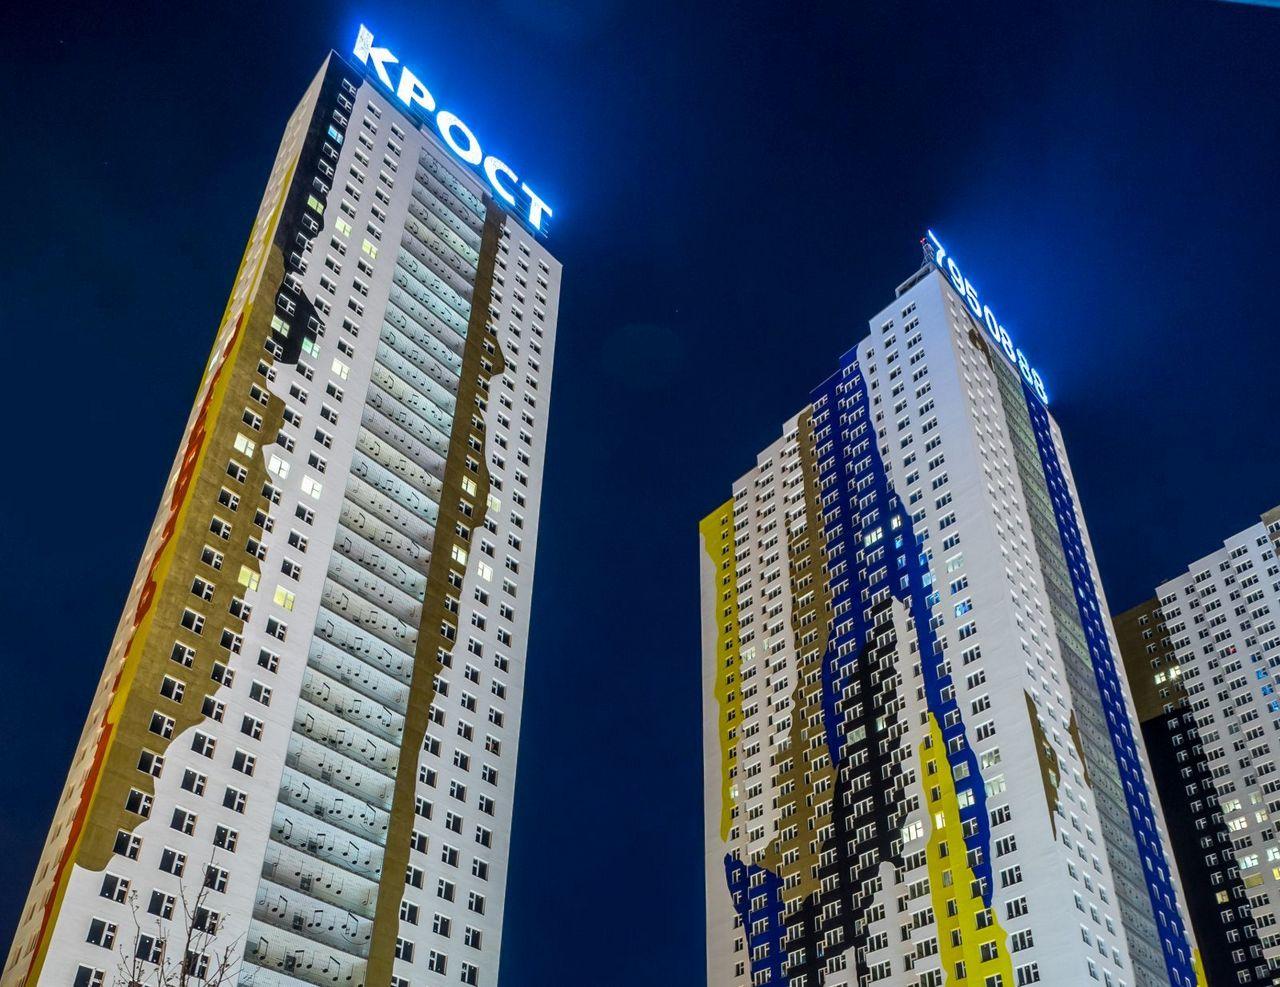 Сценарии автоматизации систем контроля доступа и управления парковками в жилом комплексе